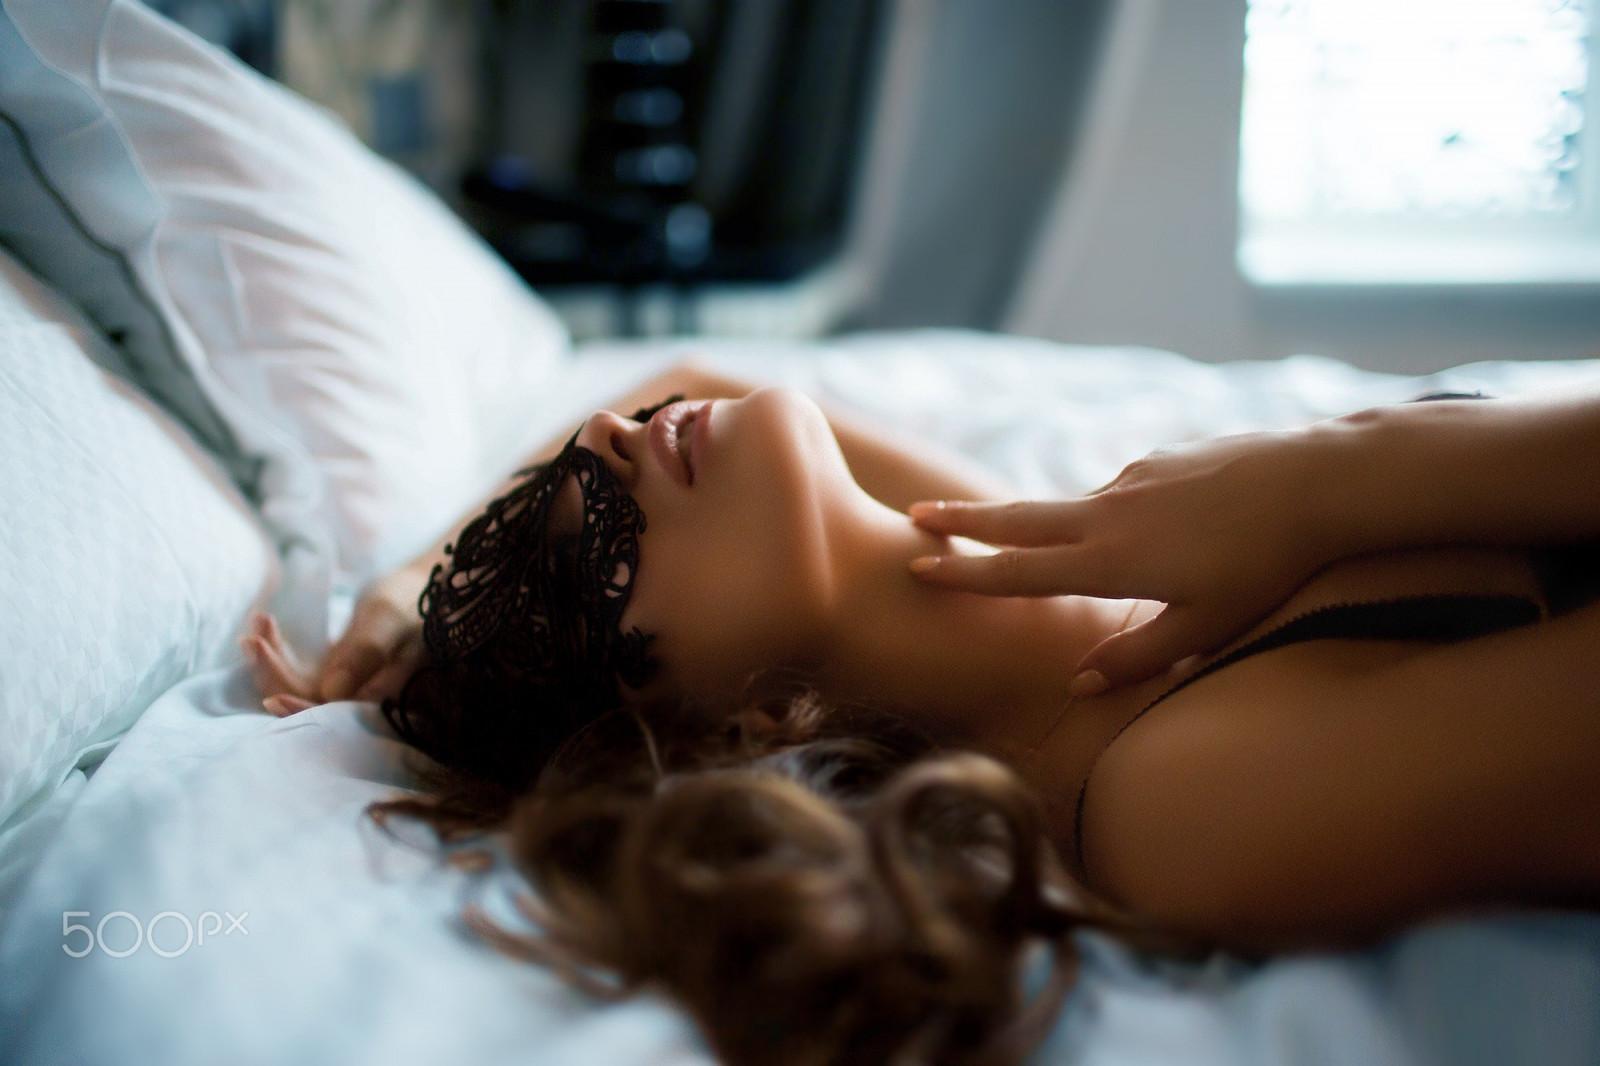 лучшие женщины в постели она сперму